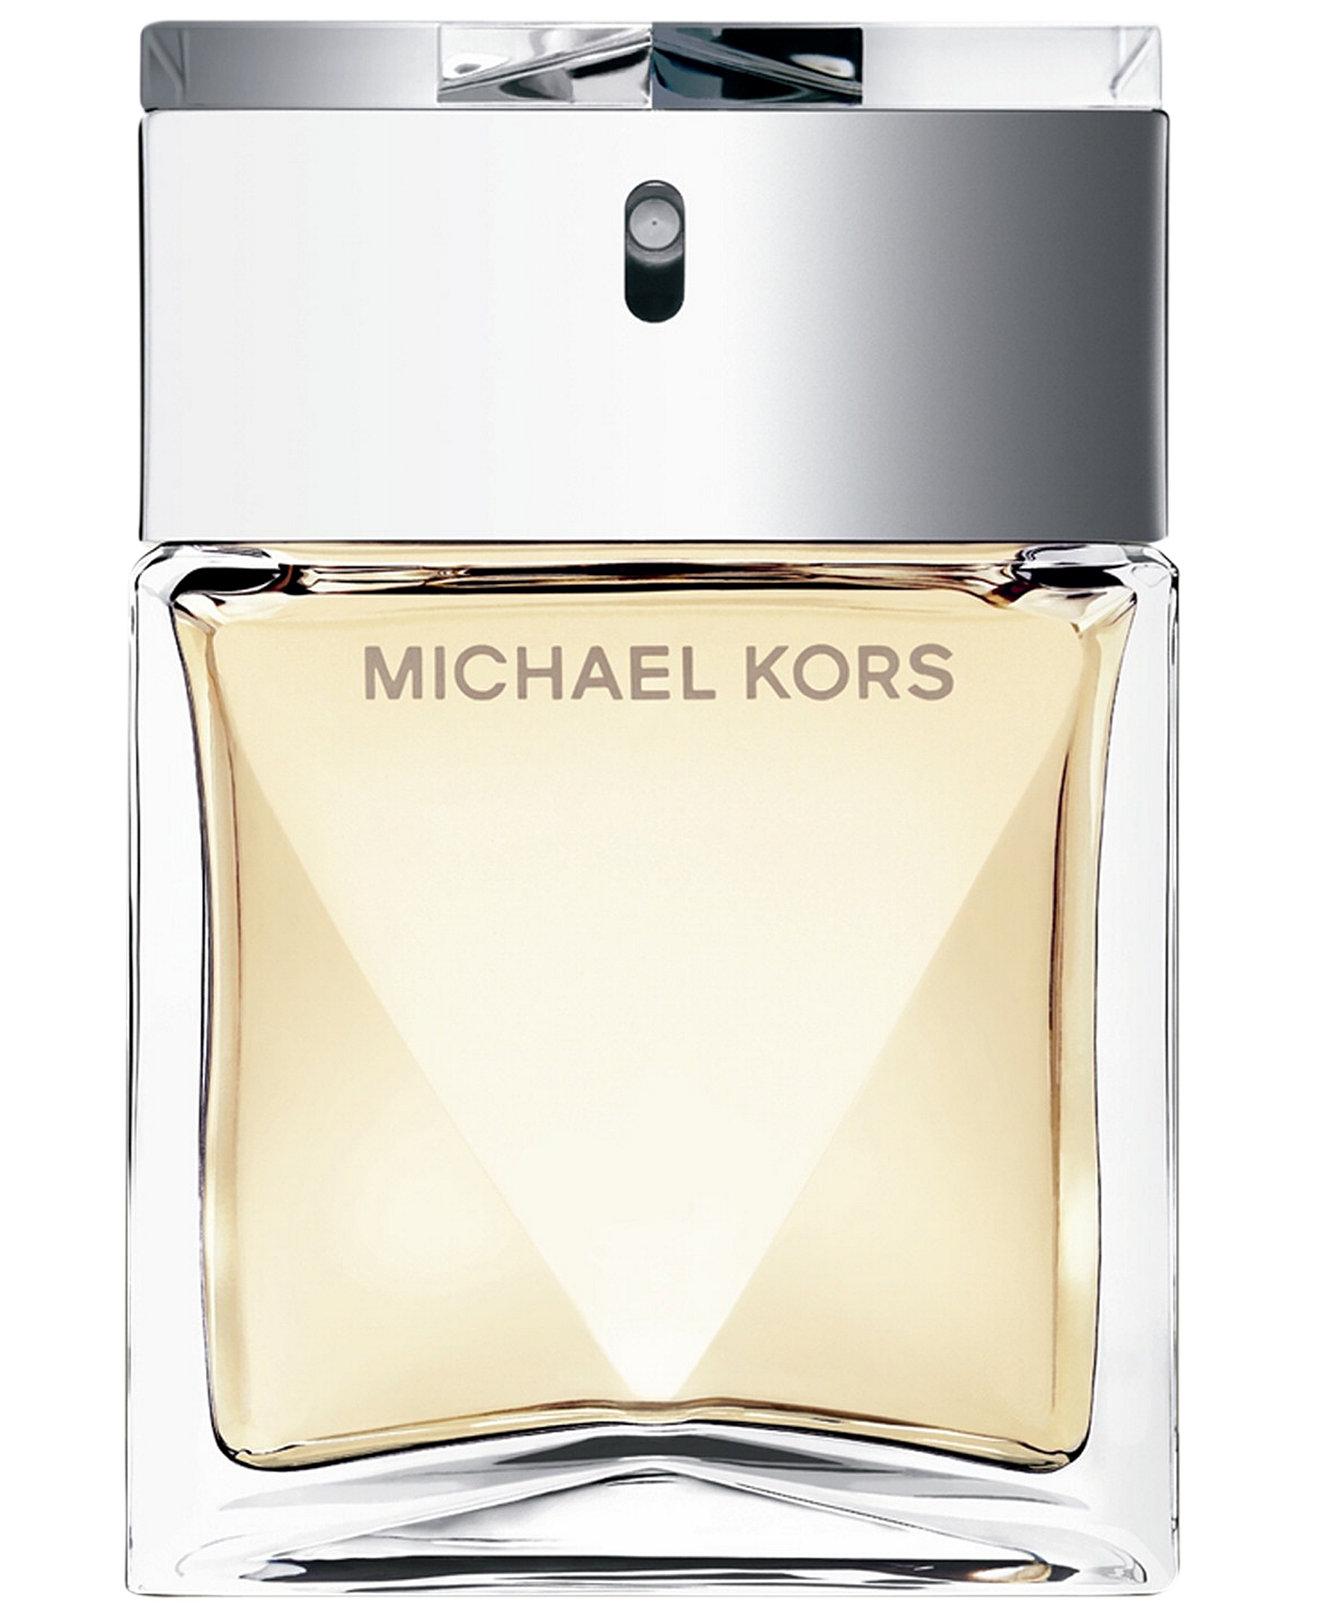 Kourtney Kardashian Favorite Perfume Michael By Michael Kors